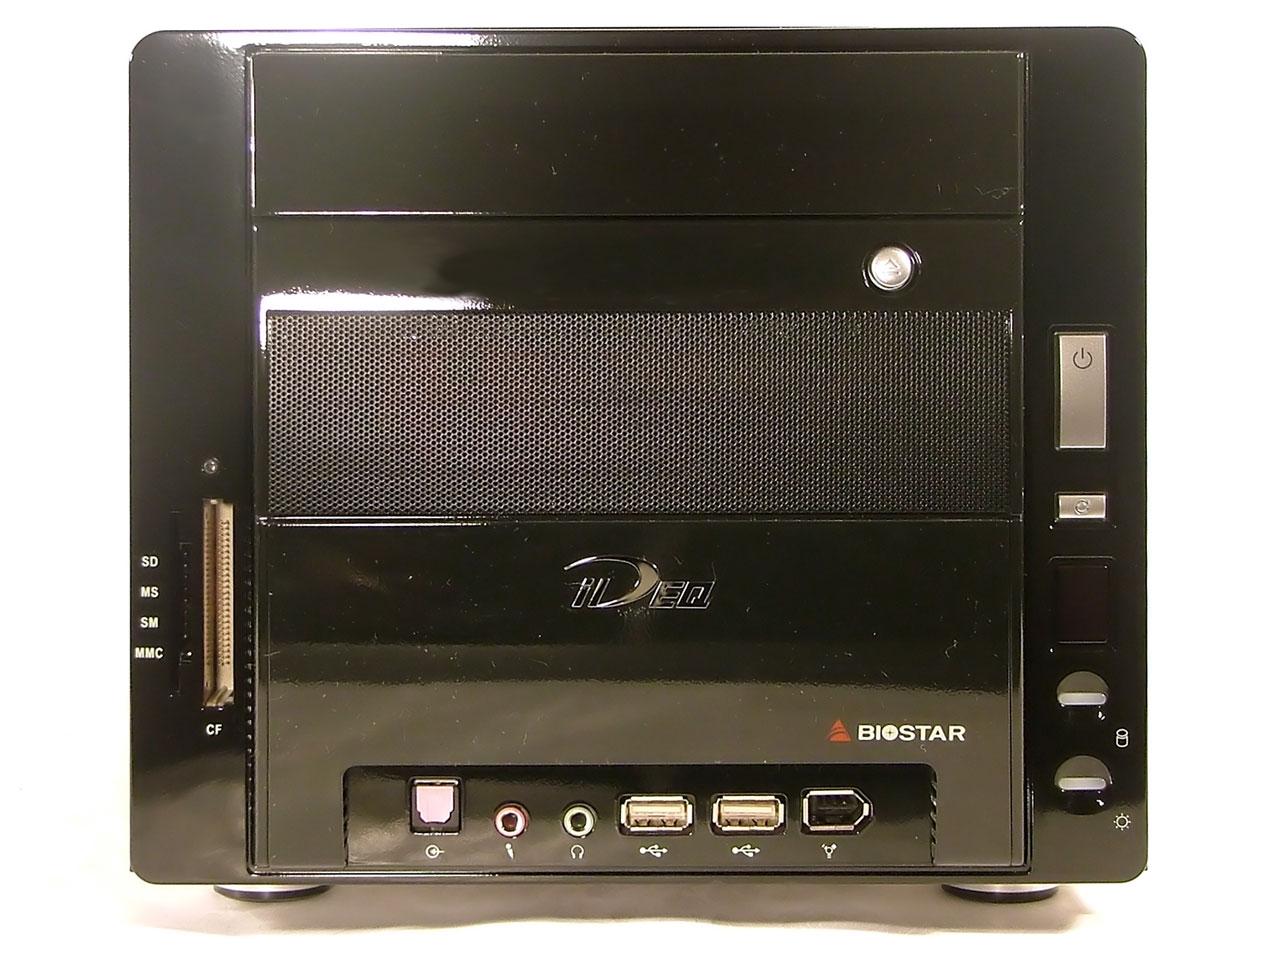 Biostar IDEQ 200 Mac